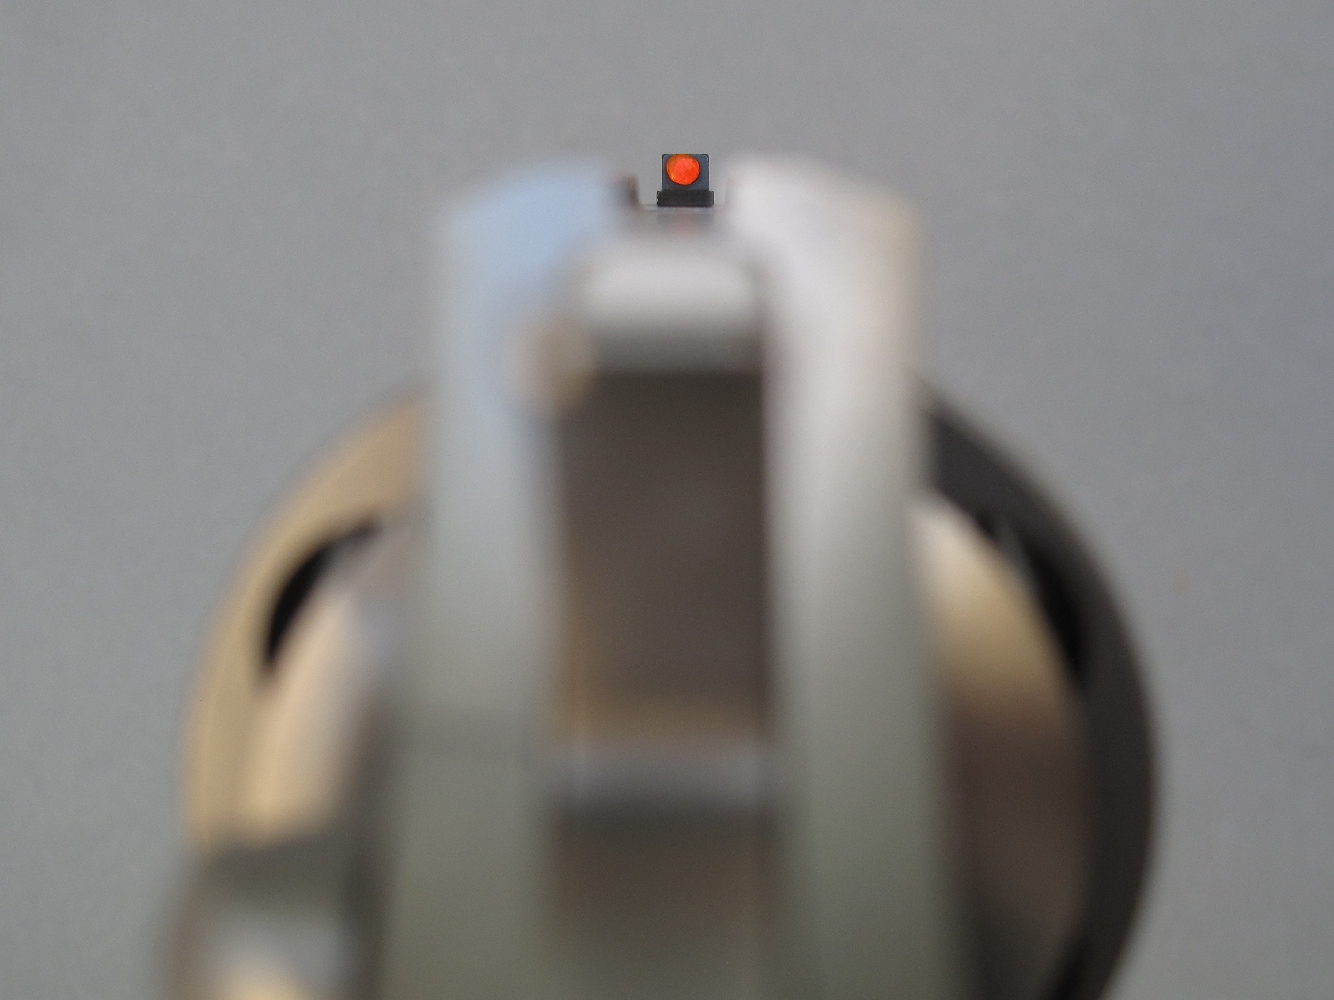 La fibre optique dont le guidon est équipé offre un contraste élevé qui améliore considérablement la prise de visée.